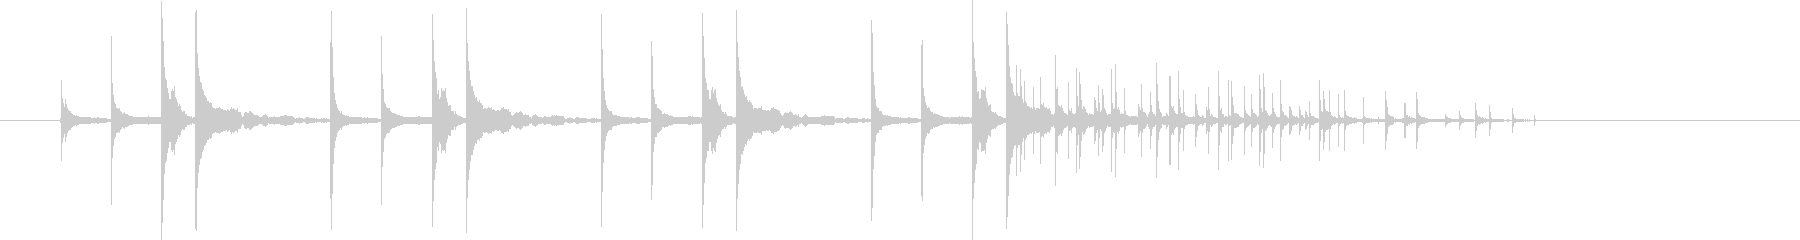 東南アジアを感じさせる民族音楽のような音の未再生の波形